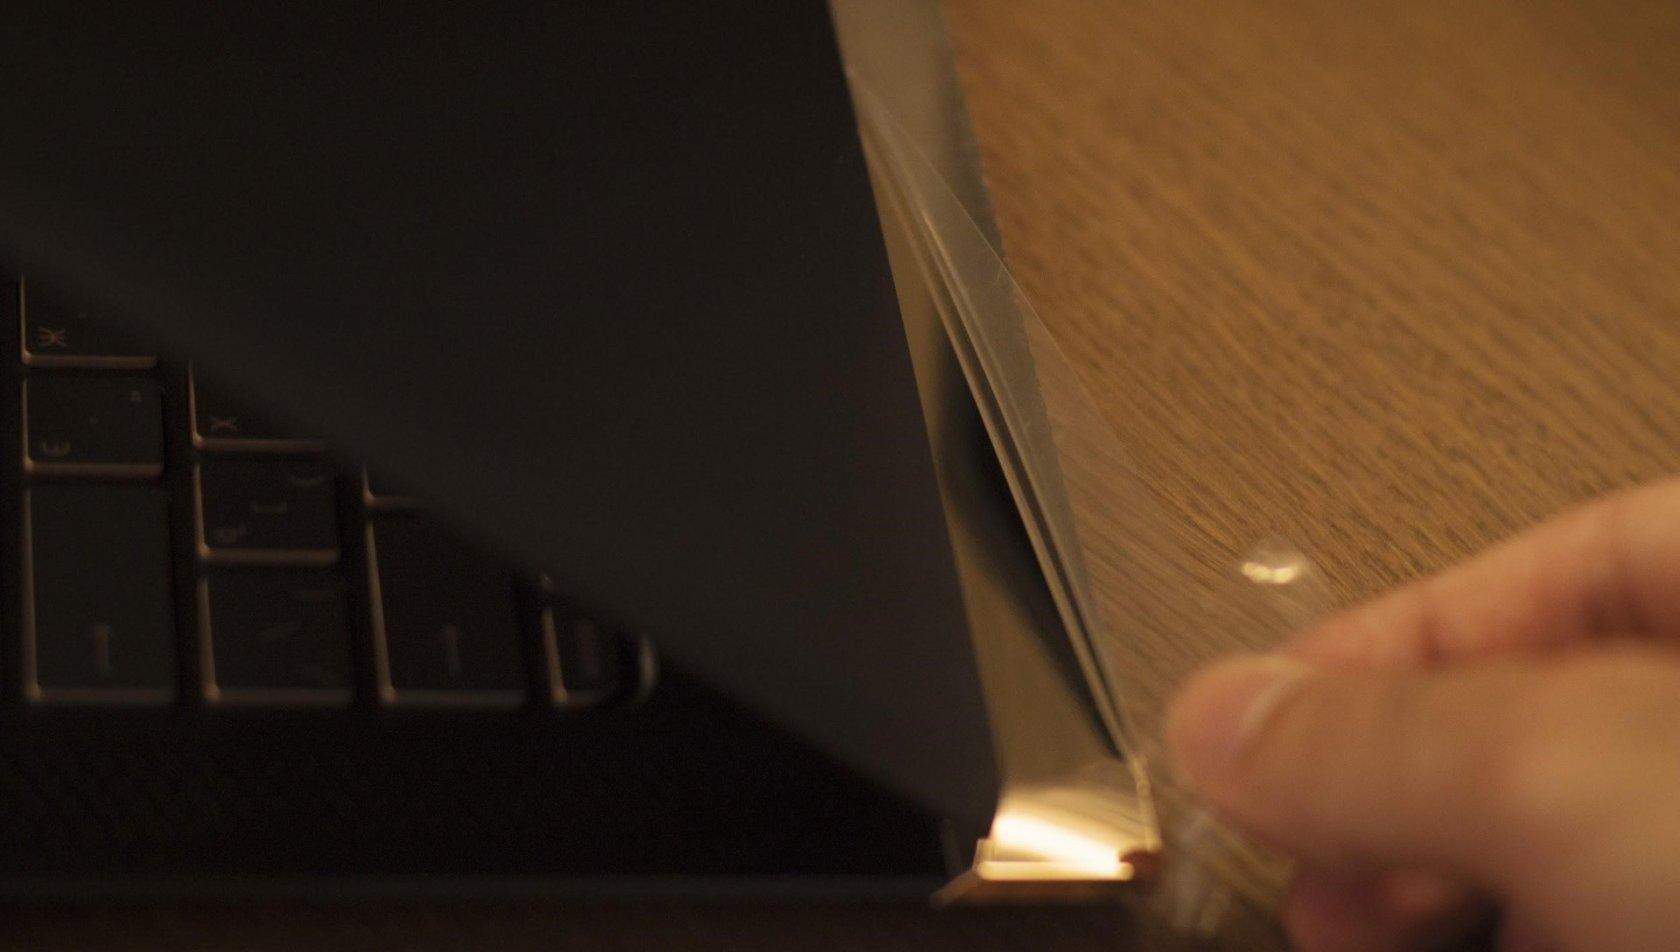 Технологии и дизайн в одном устройстве. Ноутбук HP Spectre 13 - 9